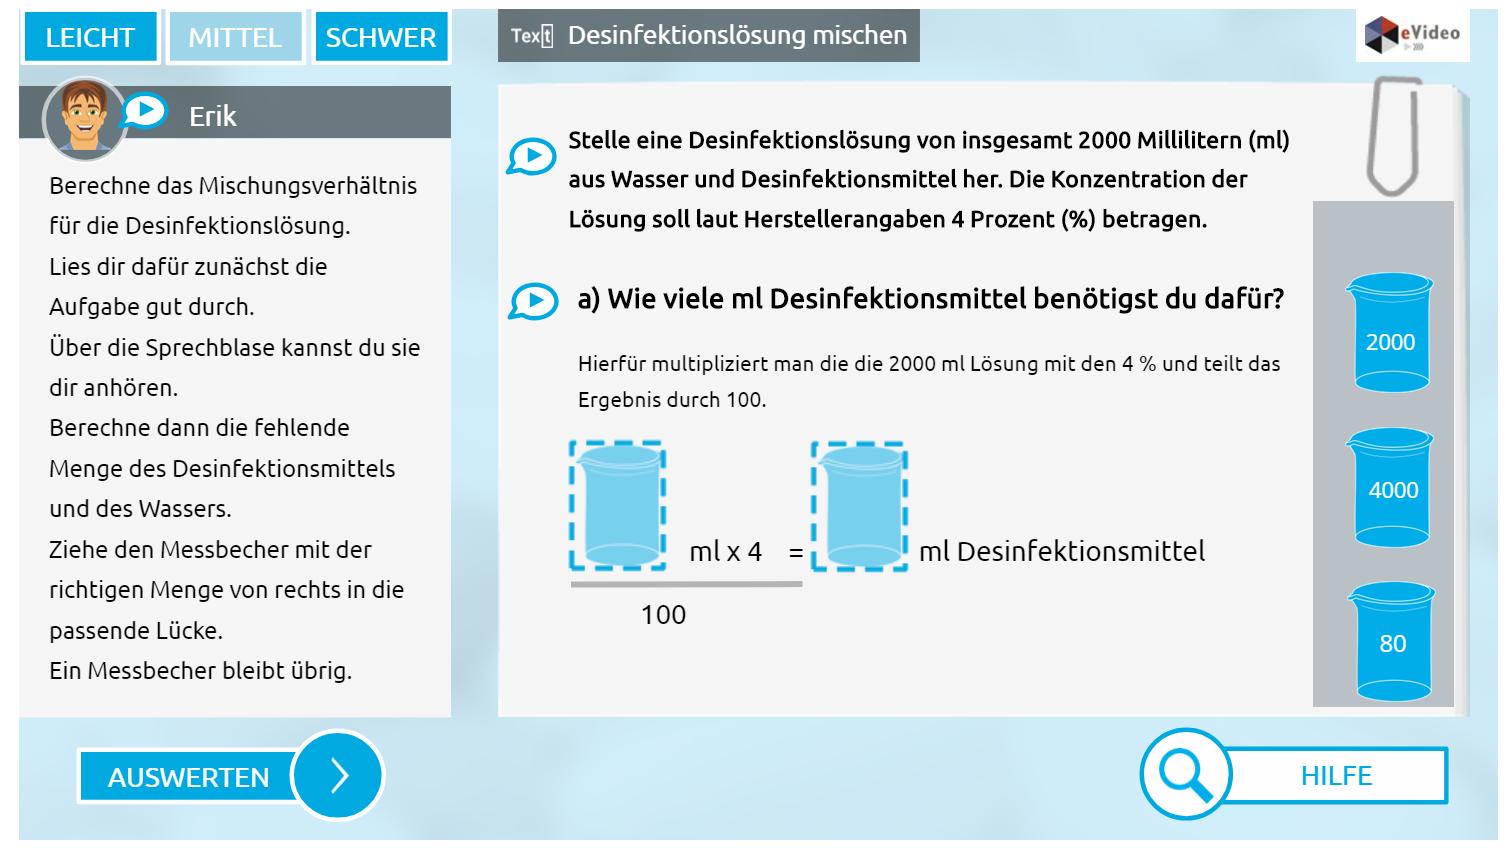 eVideo ``Rechnen in der Pflege``: Screenshot der Übung: Desinfektionlösungen